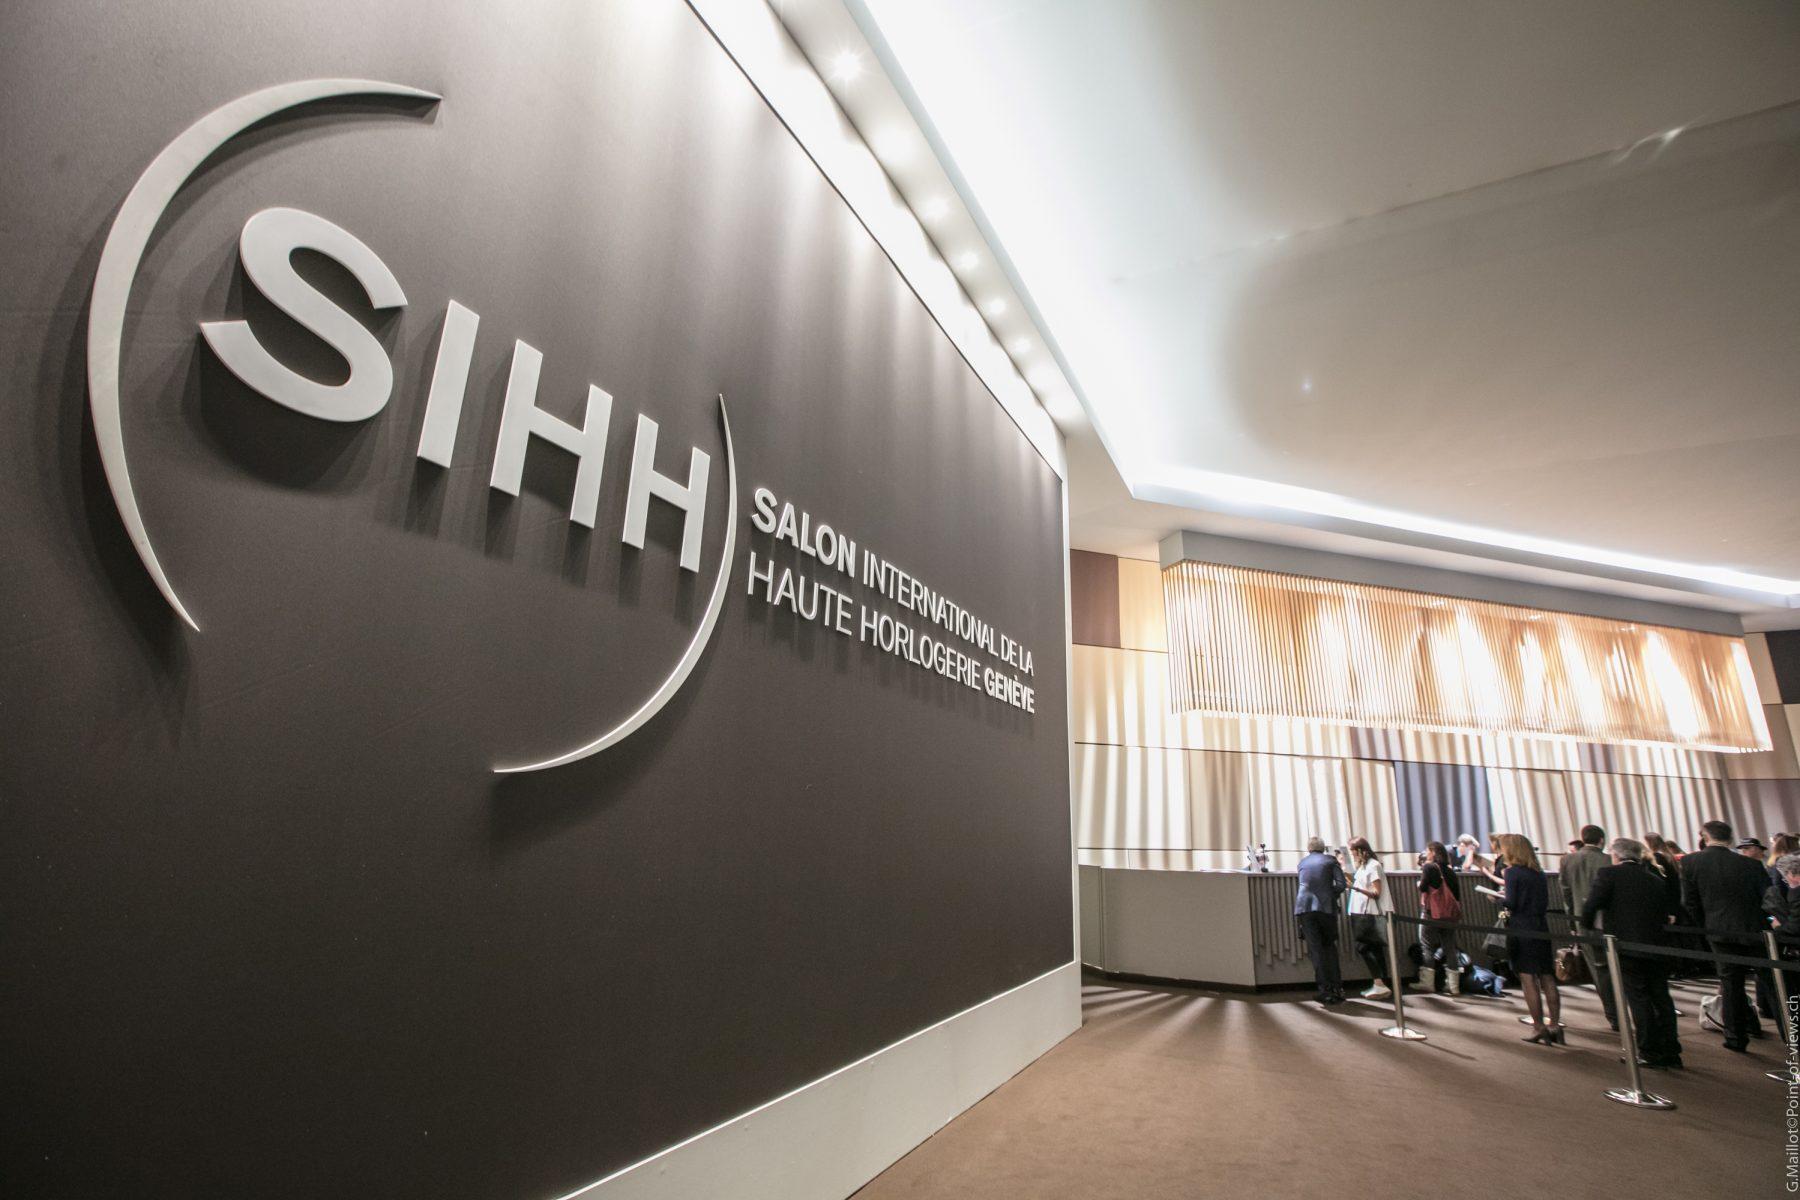 SIHH 2018 Ginevra: conto alla rovescia per il Salone Internazionale dell'Alta Orologeria di Ginevra